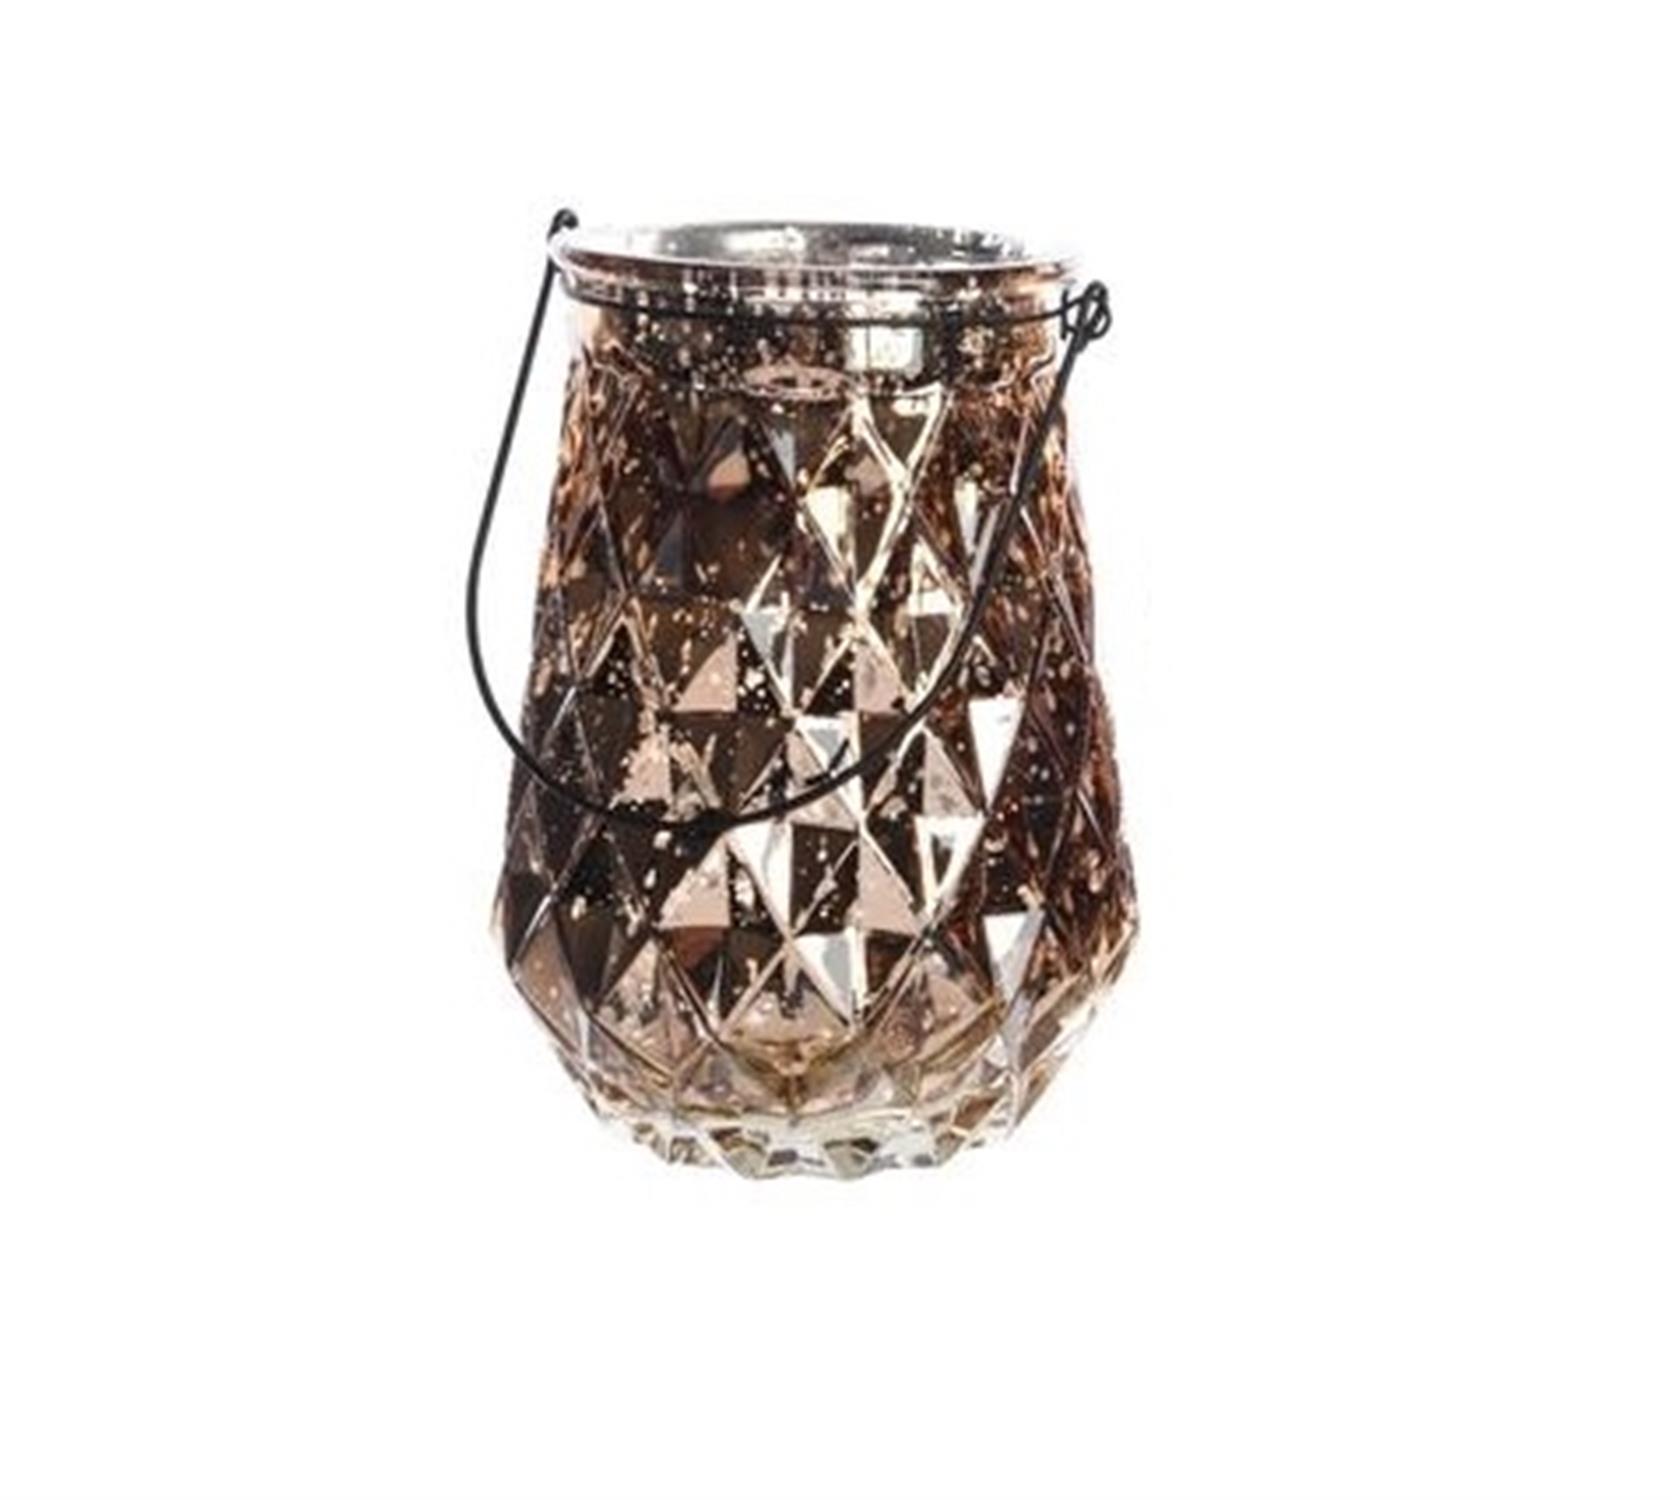 Φανάρι με ανάγλυφα διαμάντια καφέ/σοκολατί ασημί μεταλλικό χερούλι Δ16x22cm Kaemingk 646761-1